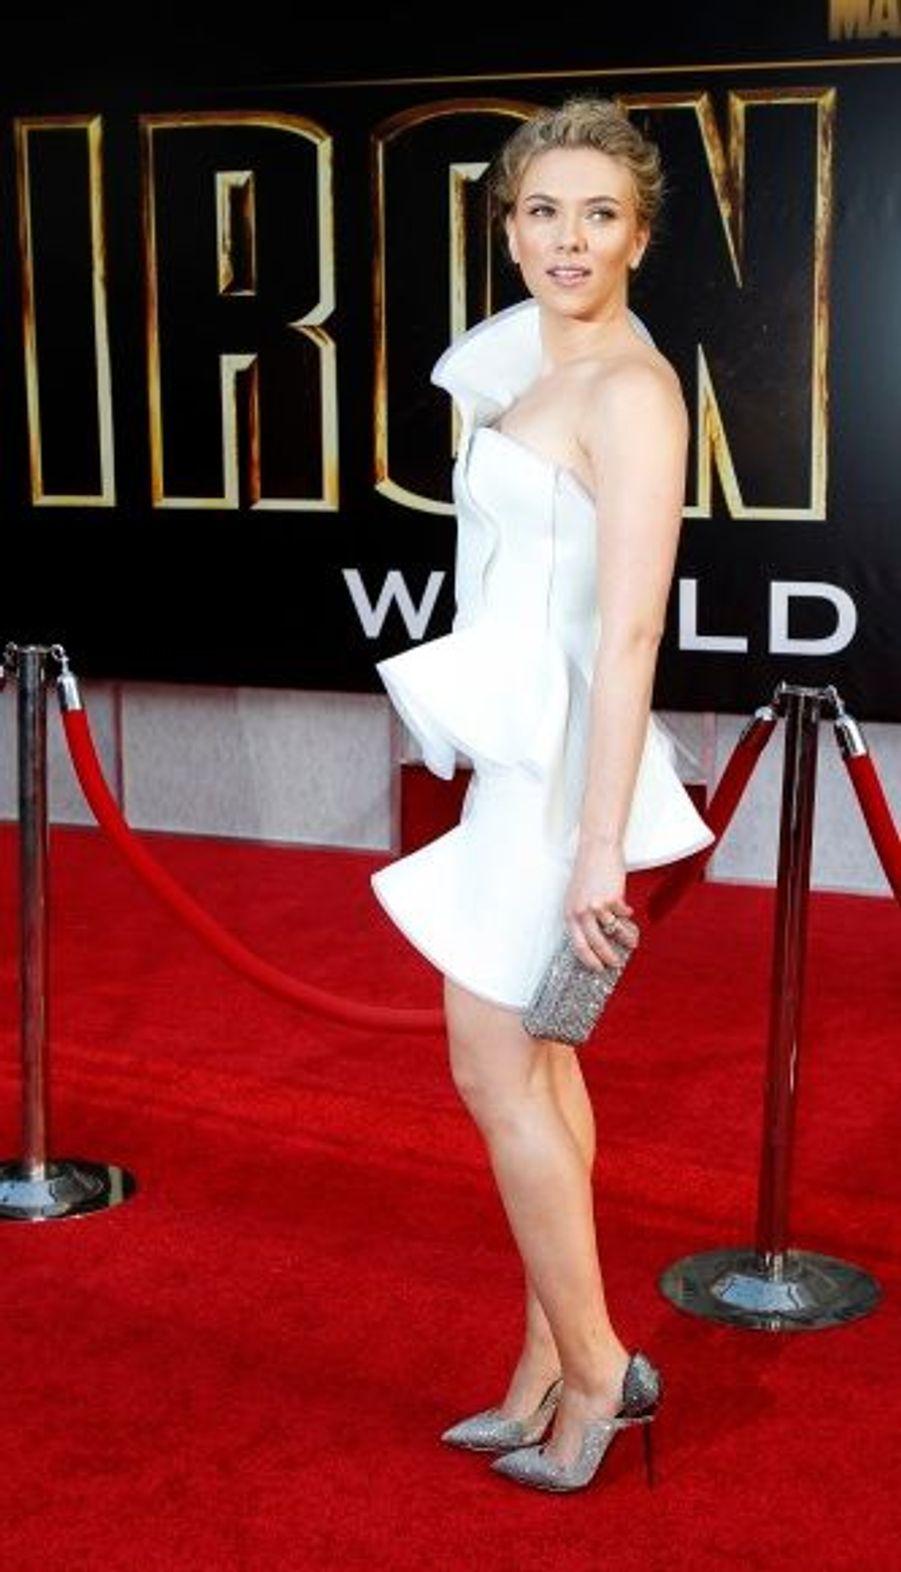 Dans sa robe blanche, Scarlett Johansson était comme à son habitude pleine de classe.